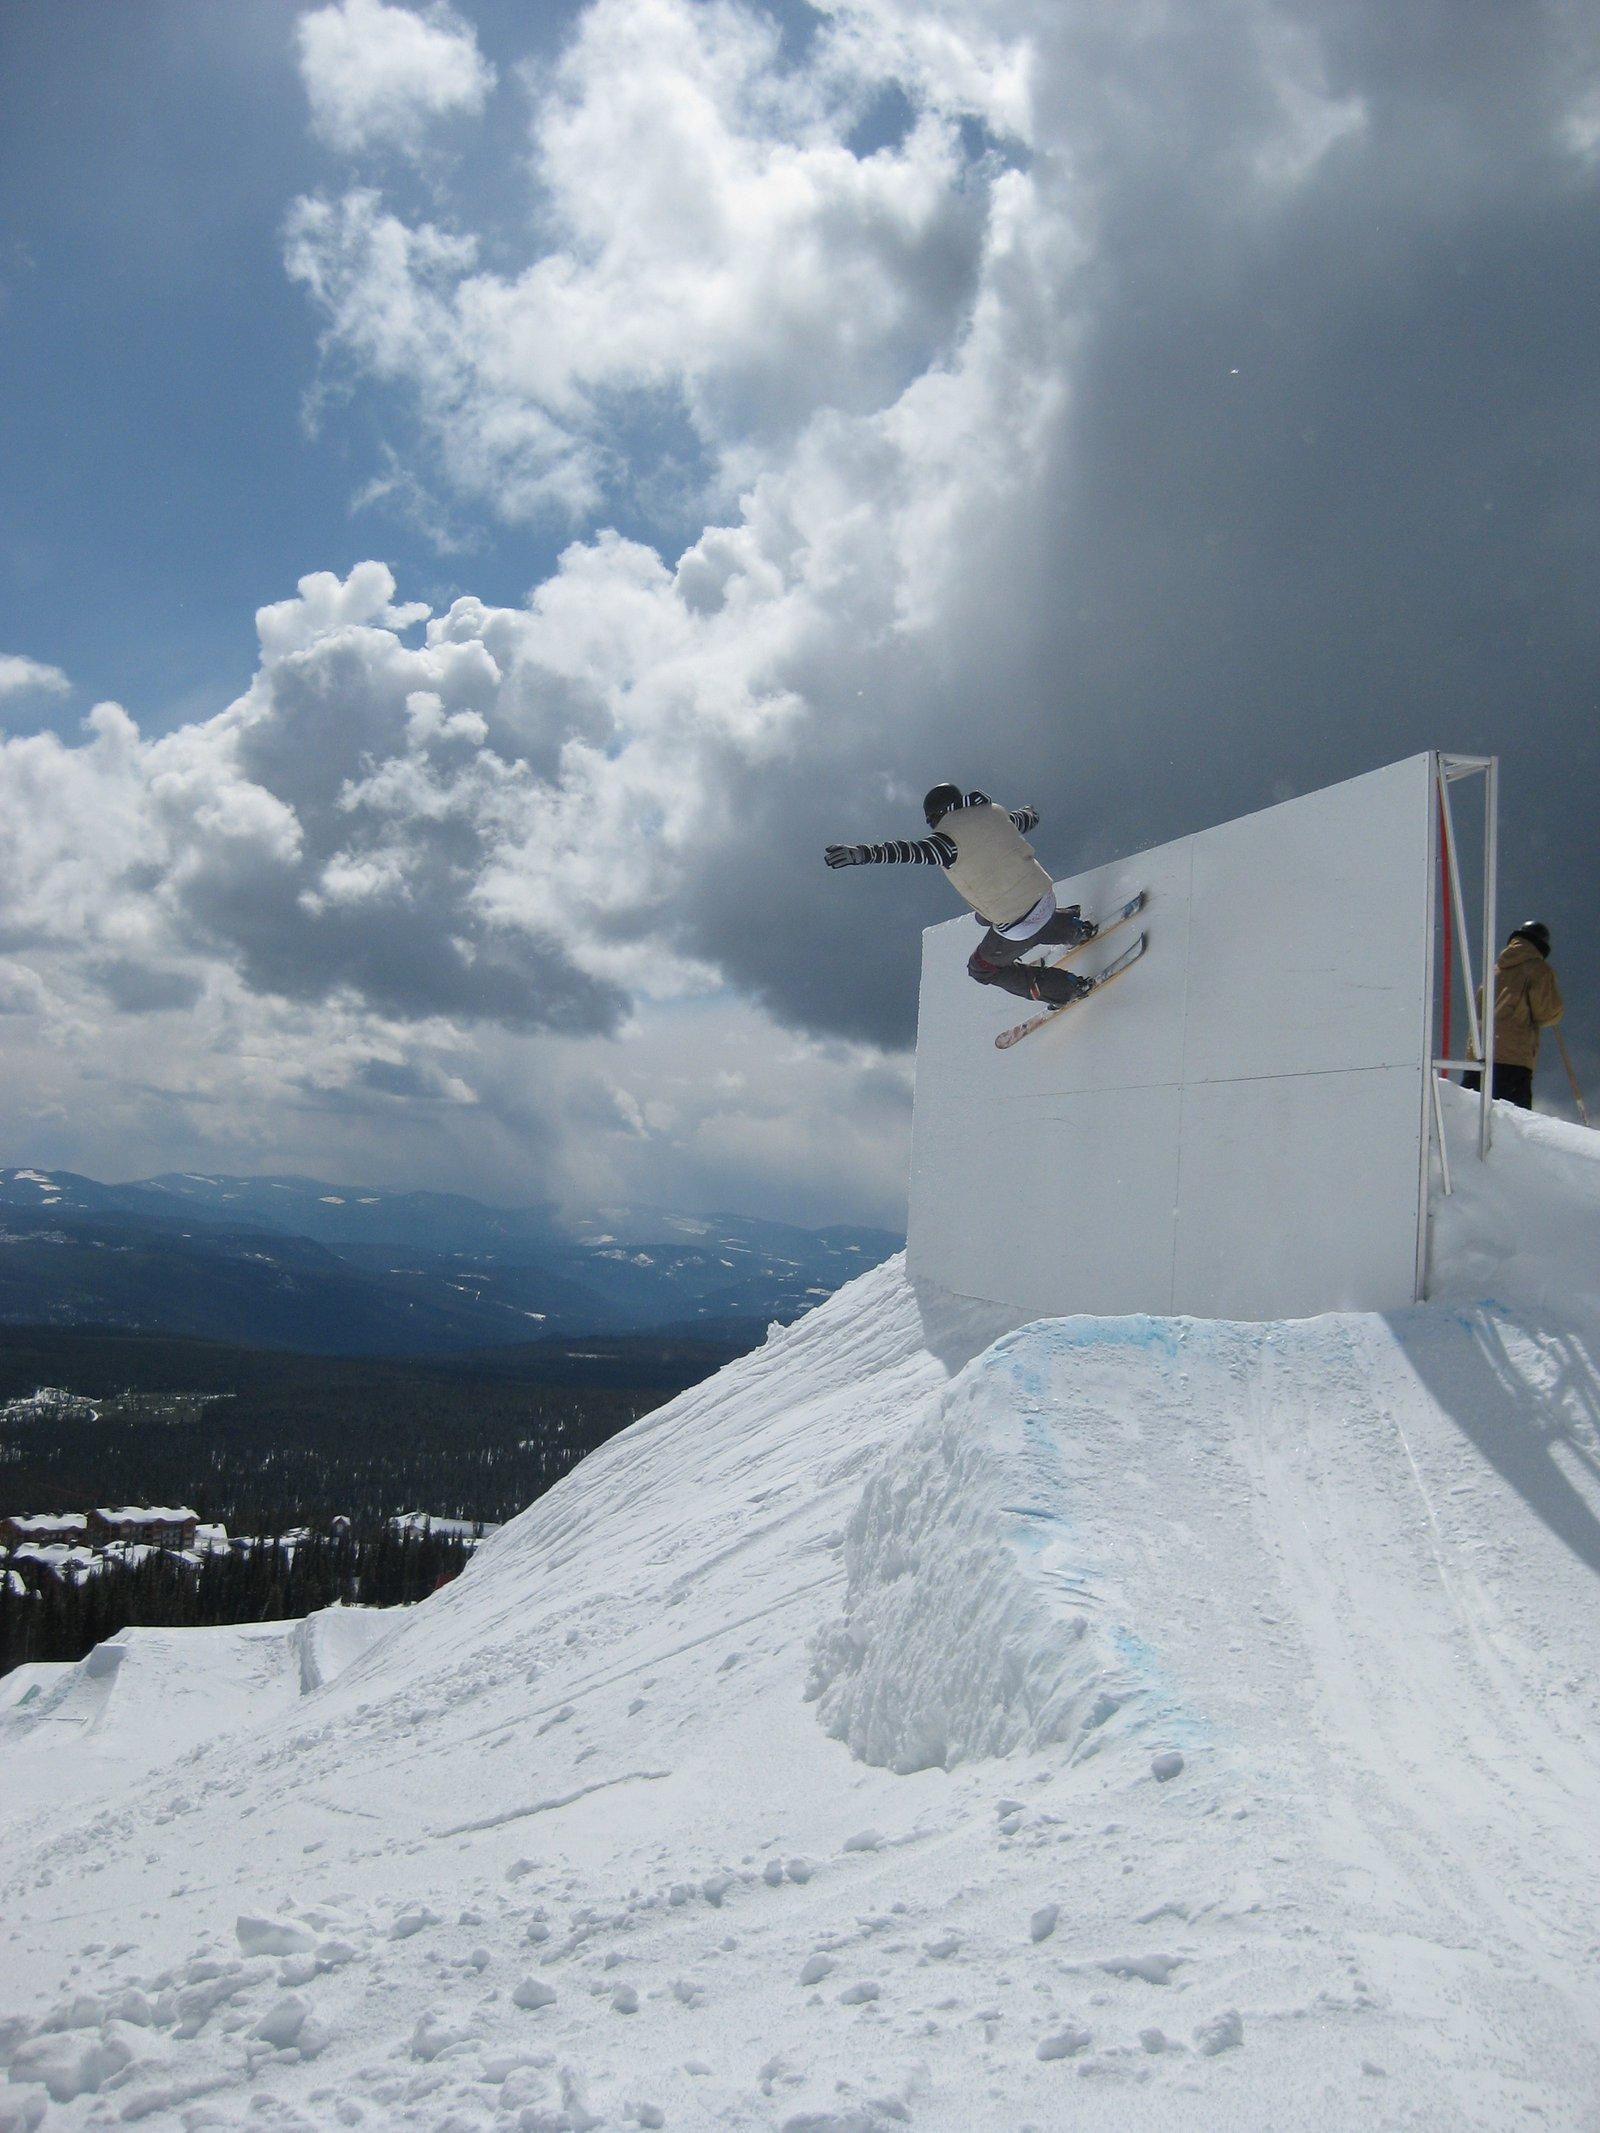 Wall ride at big white